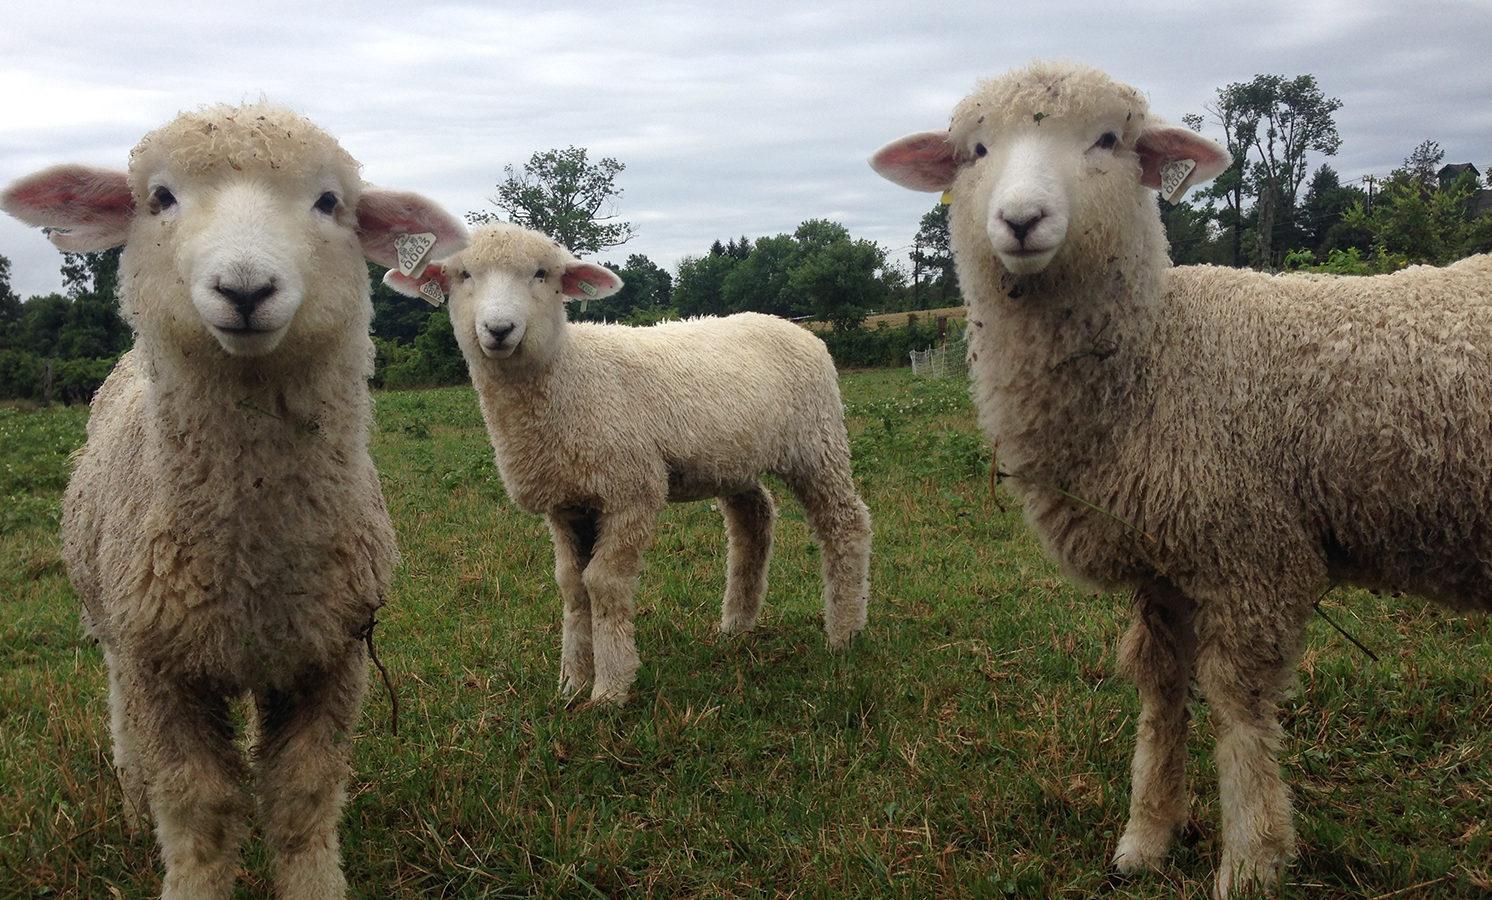 Romney Sheep at Henny Penny Farm, Ridgefield CT